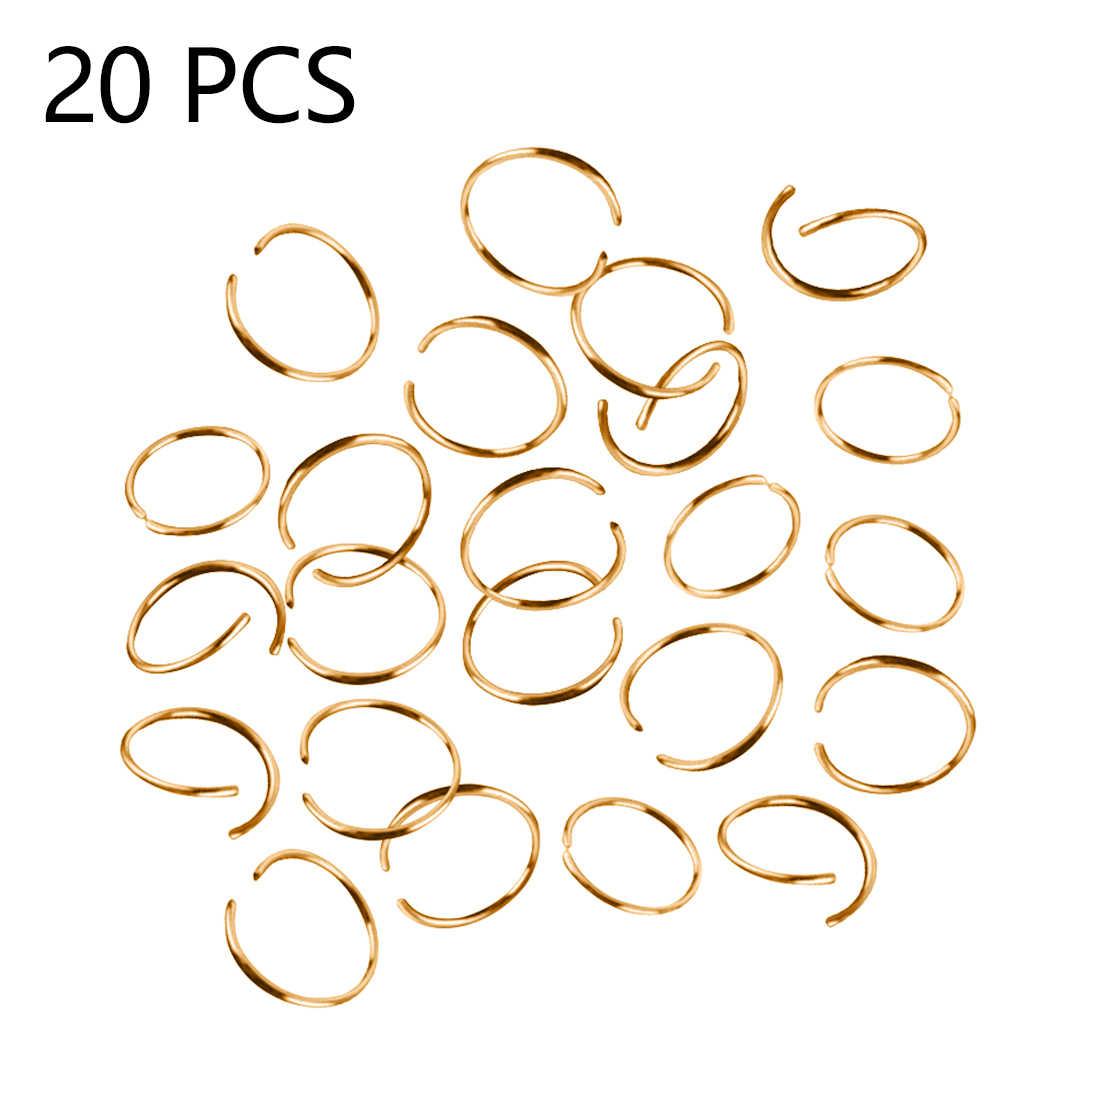 Горячая Красота оплетка дреды шарик манжеты клип оплетка обод кольцо около 10 мм Внутреннее отверстие 20 шт Золотой Серебряный парик Ювелирное кольцо